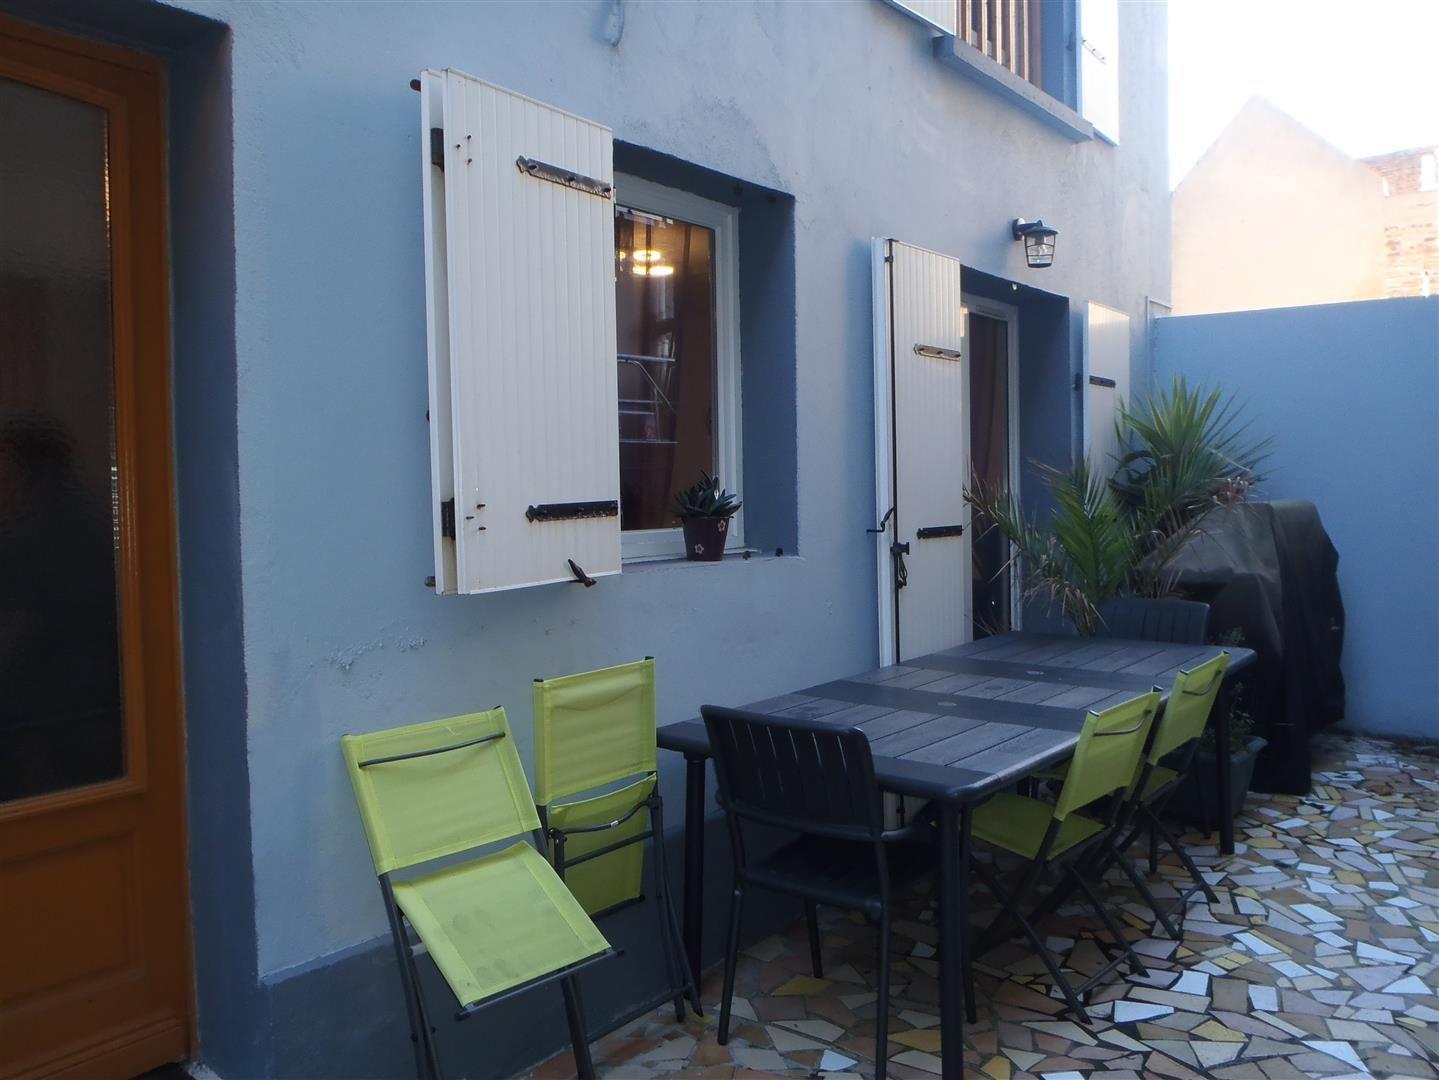 ventes vendre maison de ville avec terrasse t4 f4 au havre 76600 secteur saint nicolas. Black Bedroom Furniture Sets. Home Design Ideas